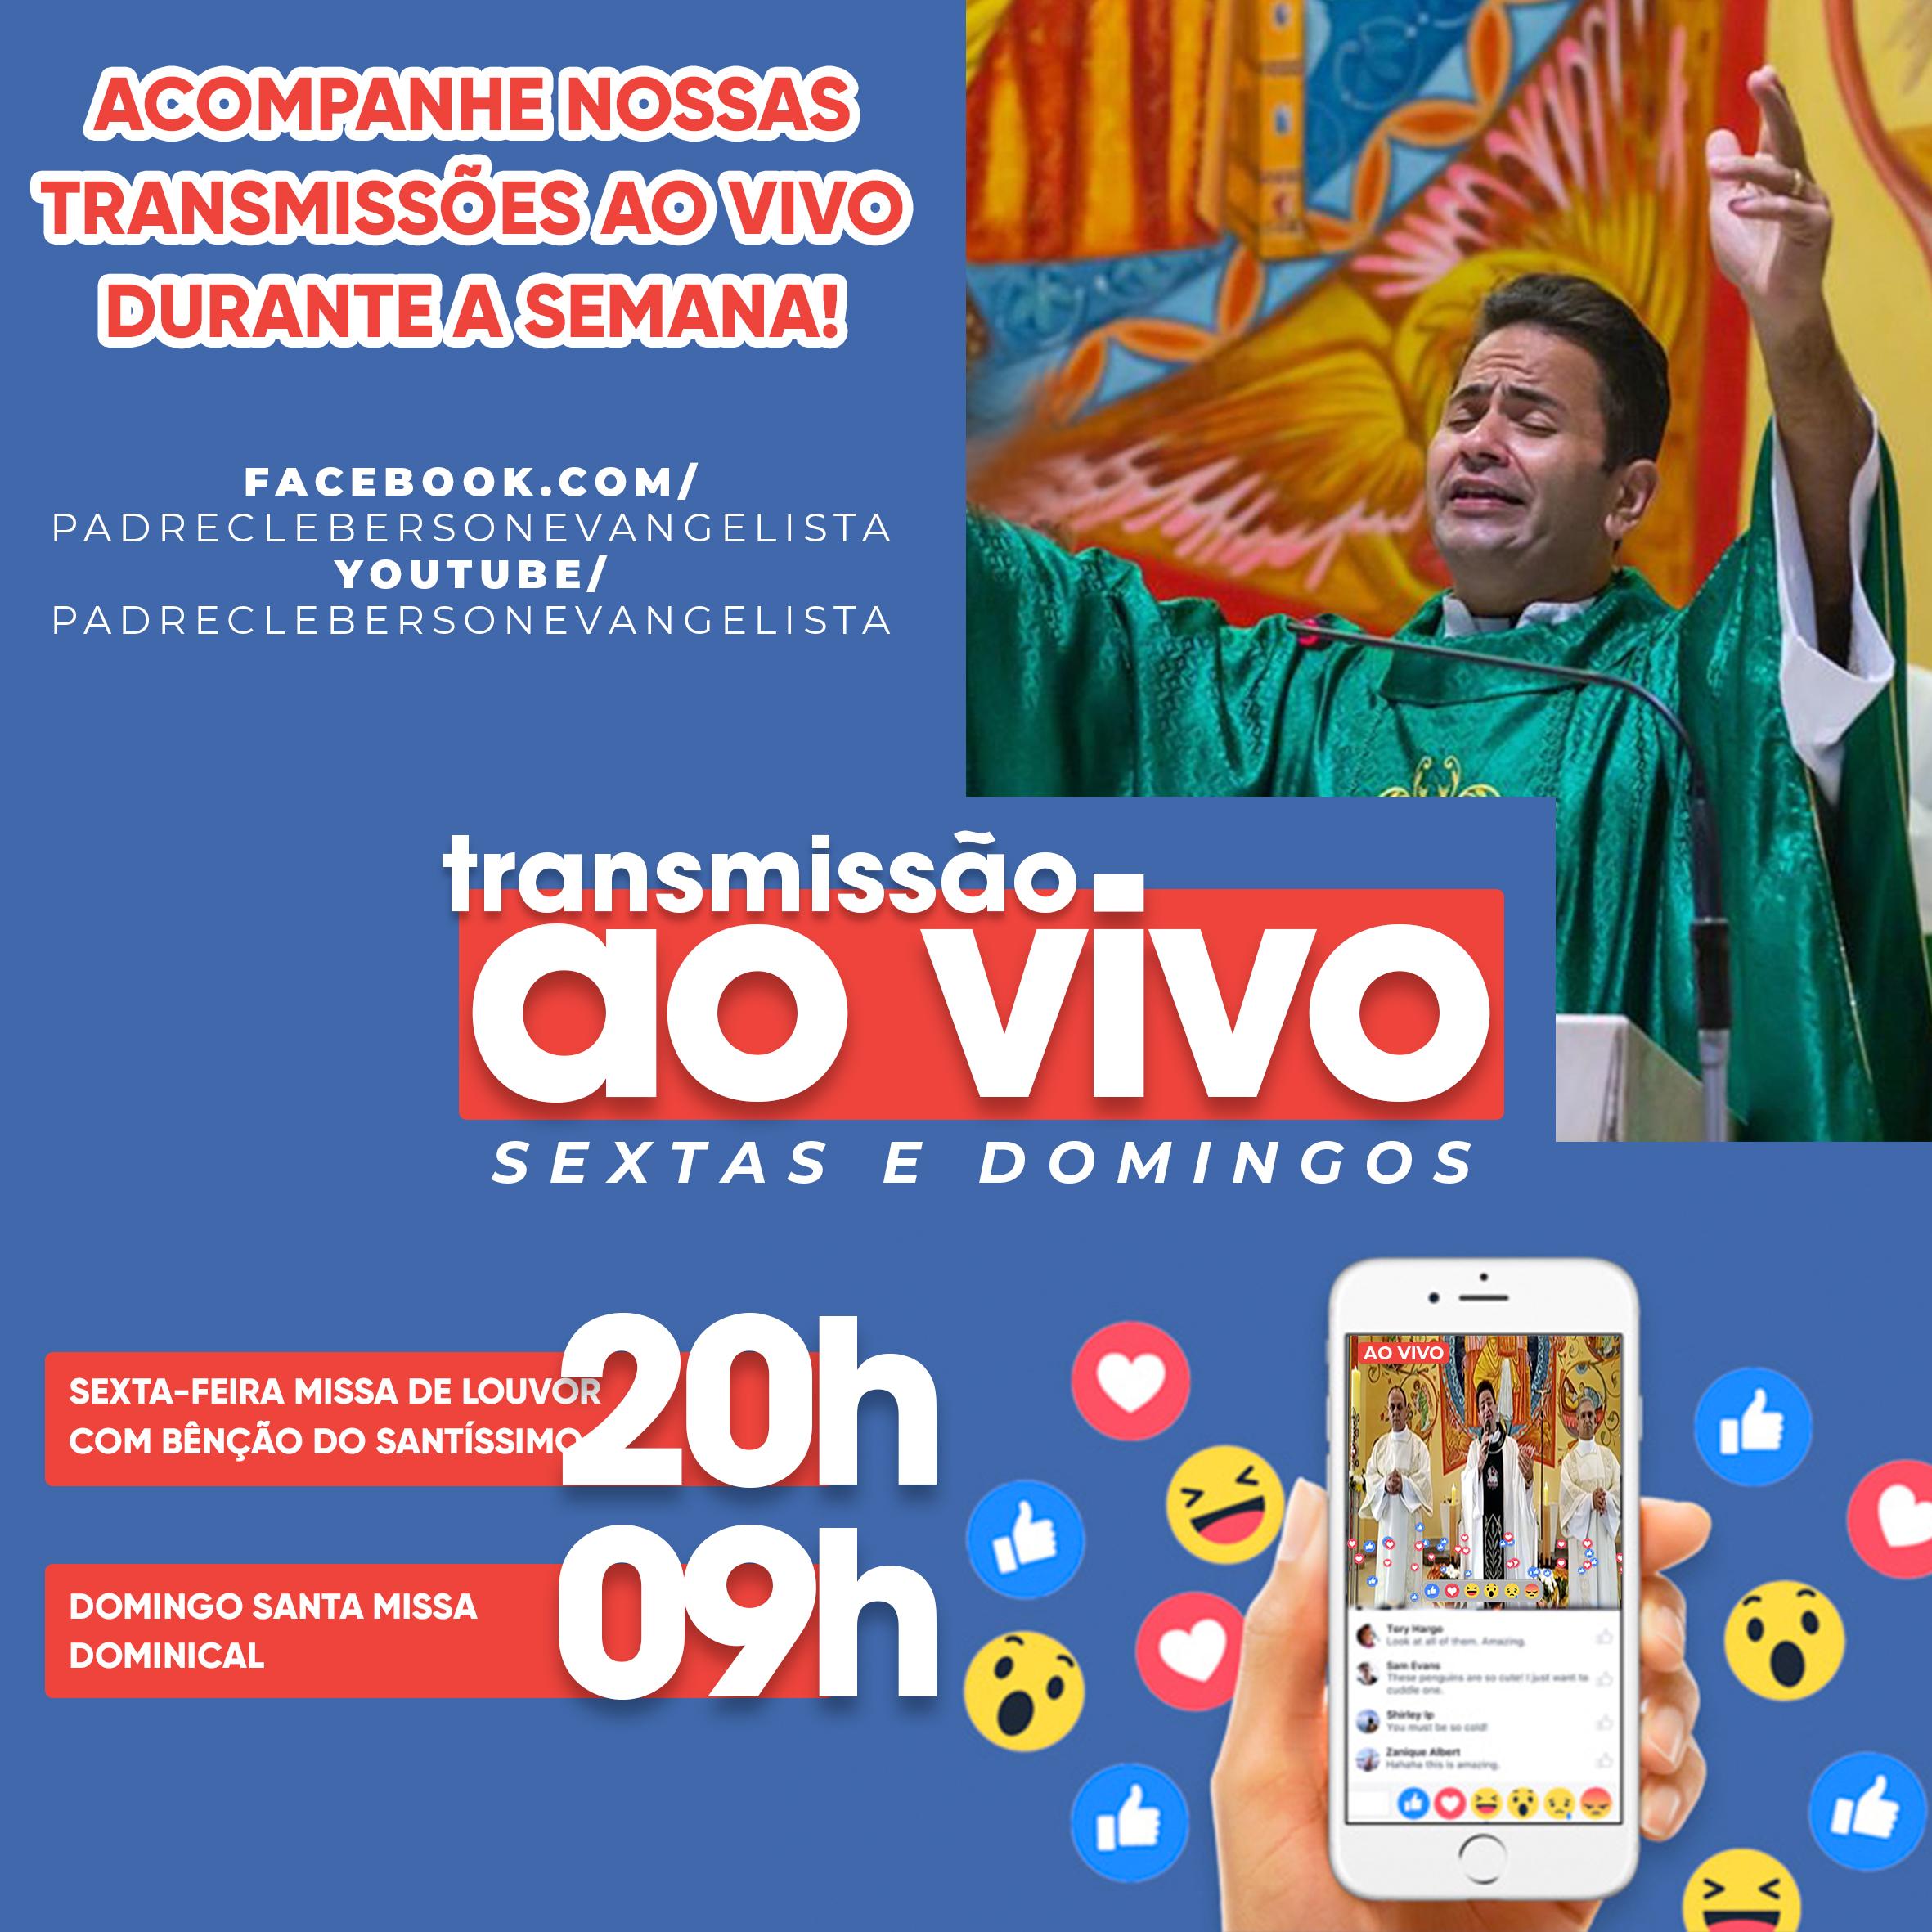 Transmissões das Missas na paróquia São Rafael Arcanjo